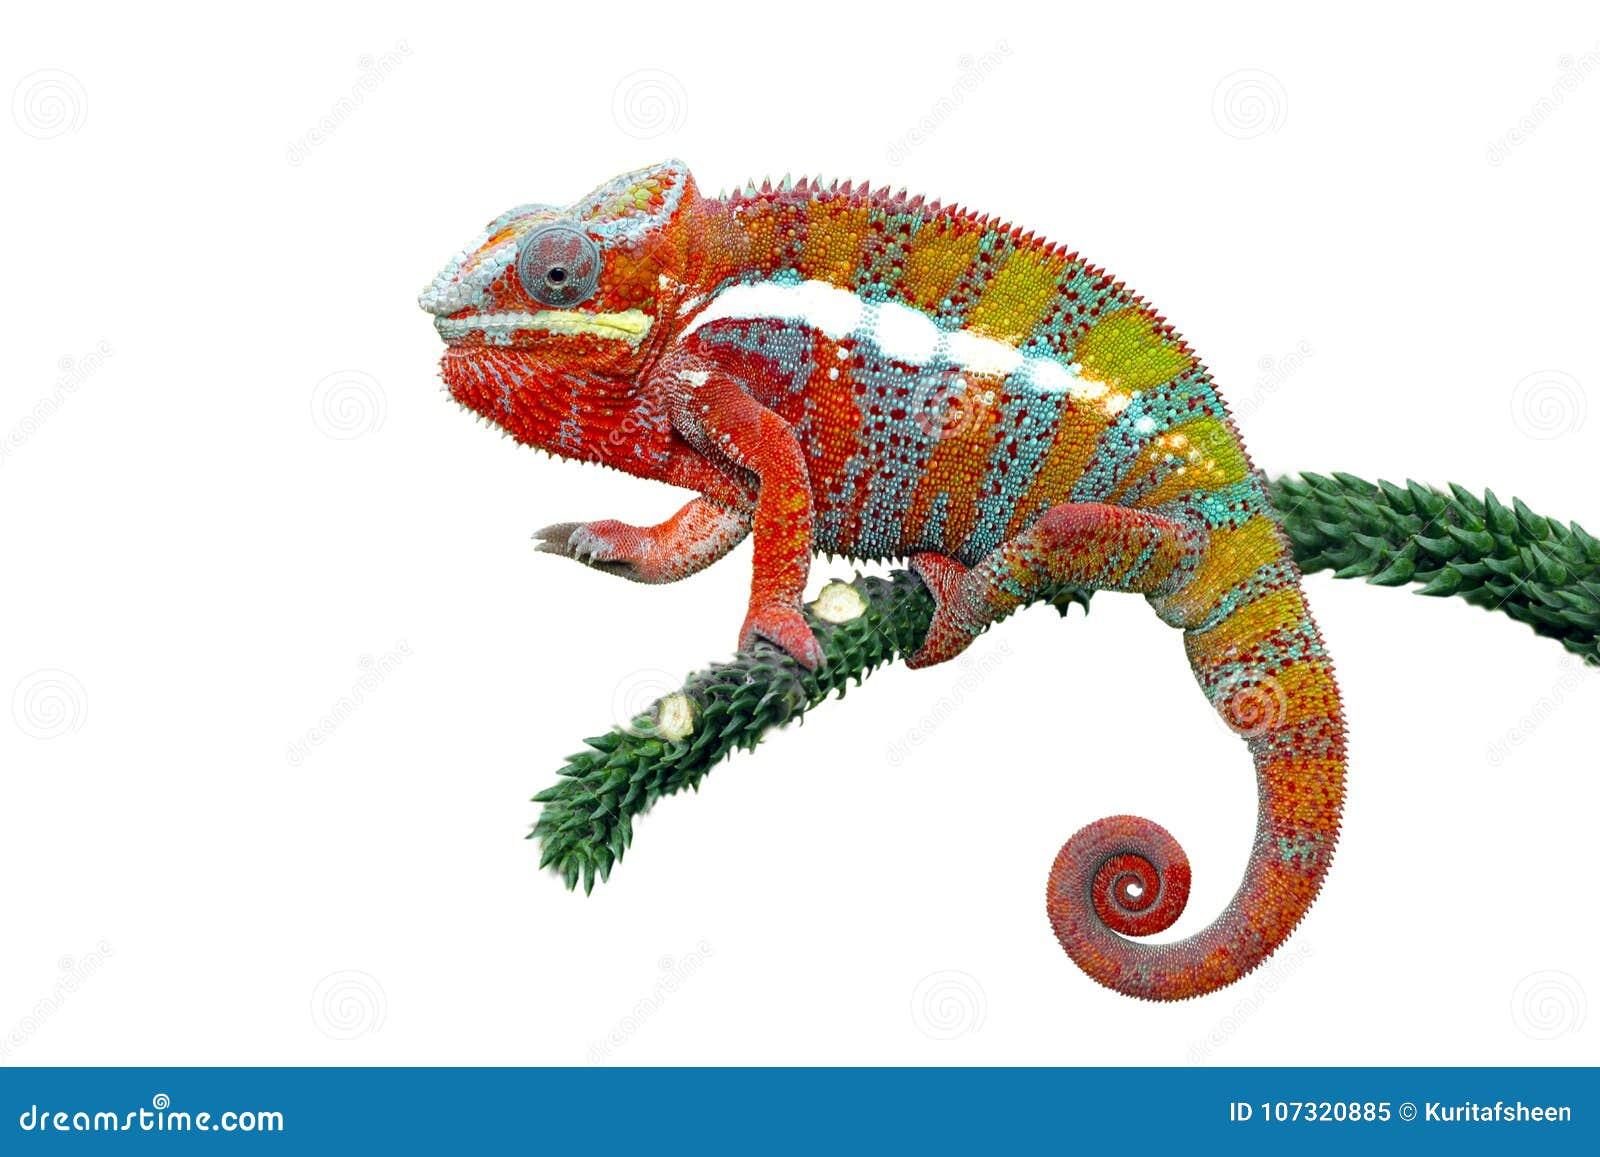 变色蜥蜴豹,变色蜥蜴, colorfull,爬行动物